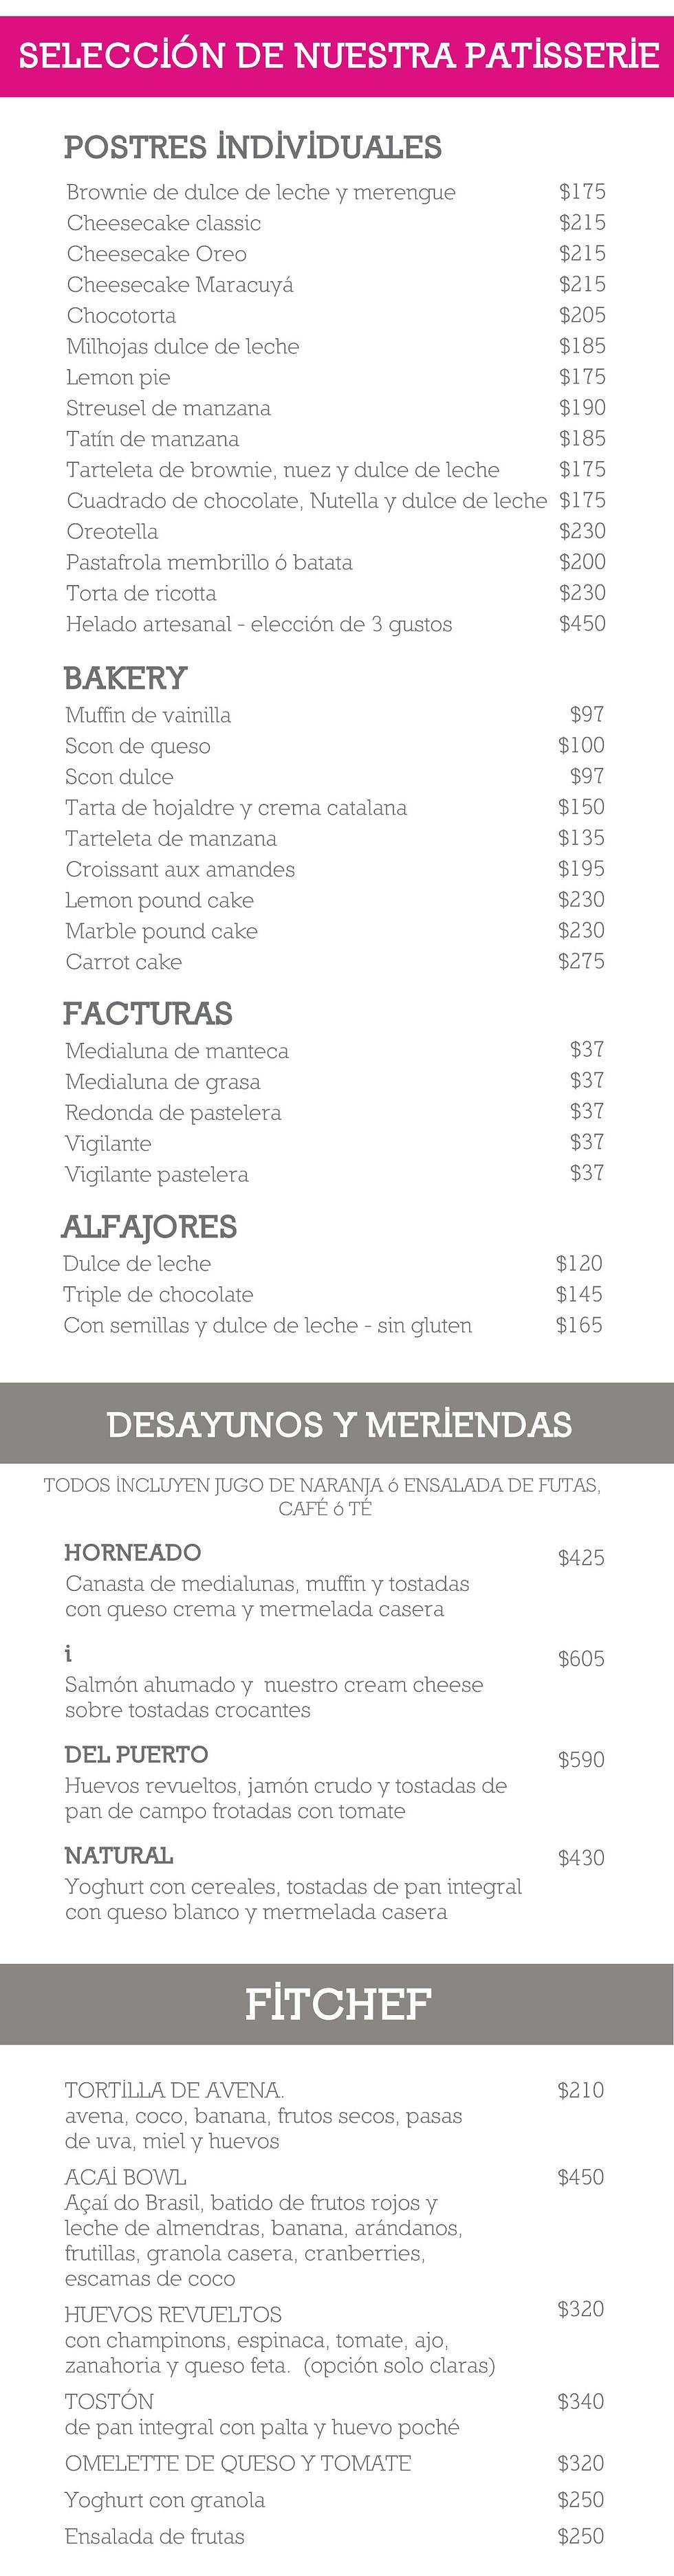 Pastelería+desayunos_IF_-2-01.jpg